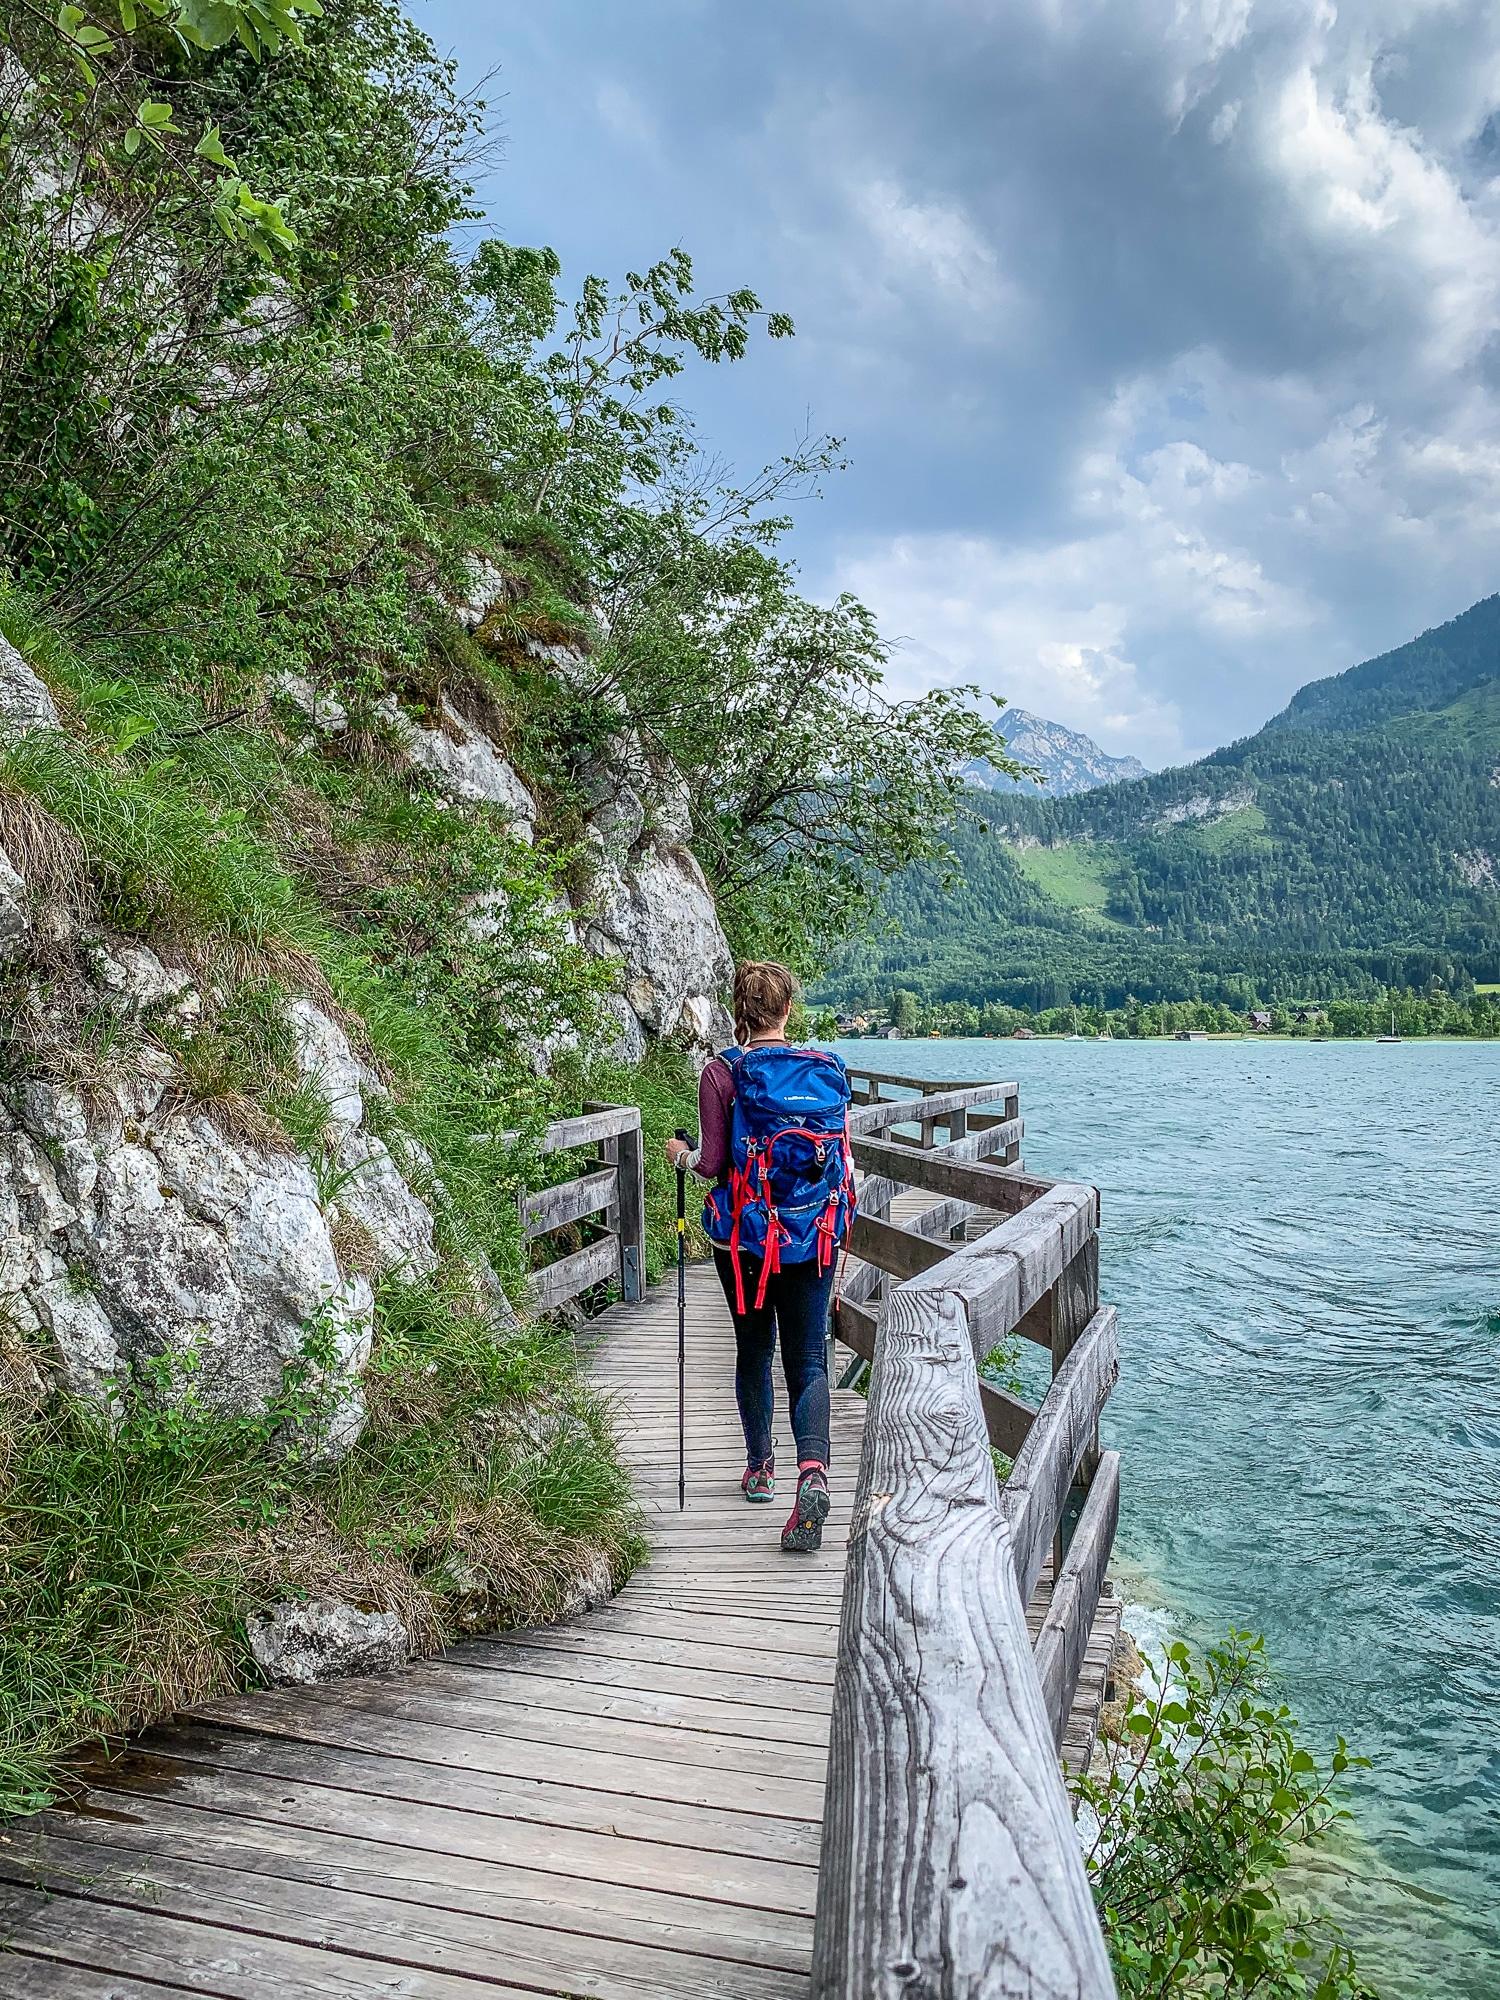 """Für ambitionierte Wanderer gibt es neben den klassischen Etappen auch alpine Etappen zu bezwingen. Hier geht es durch das Fels- und Gletscherreich des Dachsteins, das Höllengebirge und das tote Gebirge. Für diese Variante des Salzkammergut BergeSeen Trail solltet ihr allerdings alpine Erfahrung und eine solide Ausrüstung mitbringen. Achtet unbedingt auch darauf, dass einige der Etappen als """"schwarz"""" gekennzeichnet und somit nur für erfahrene Bergsteiger geeignet sind."""